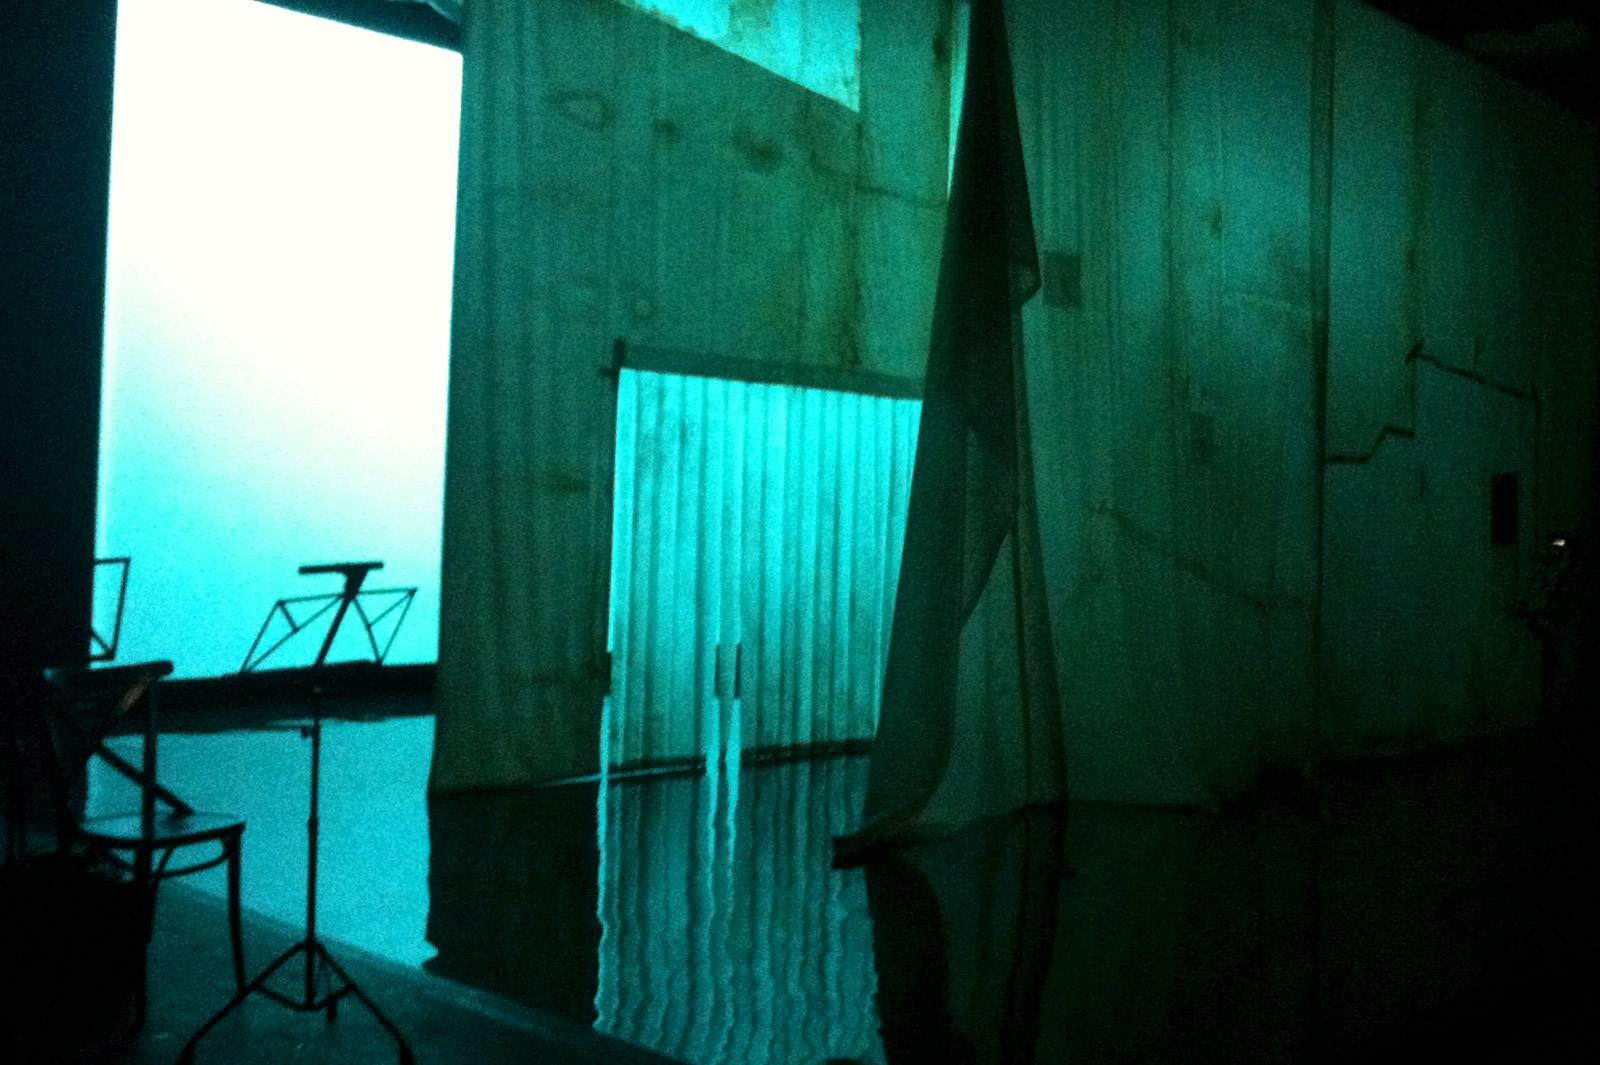 Scénographie de Raymond Sarti, Ma mère qui chantait sur un phare Gilles Granouillet